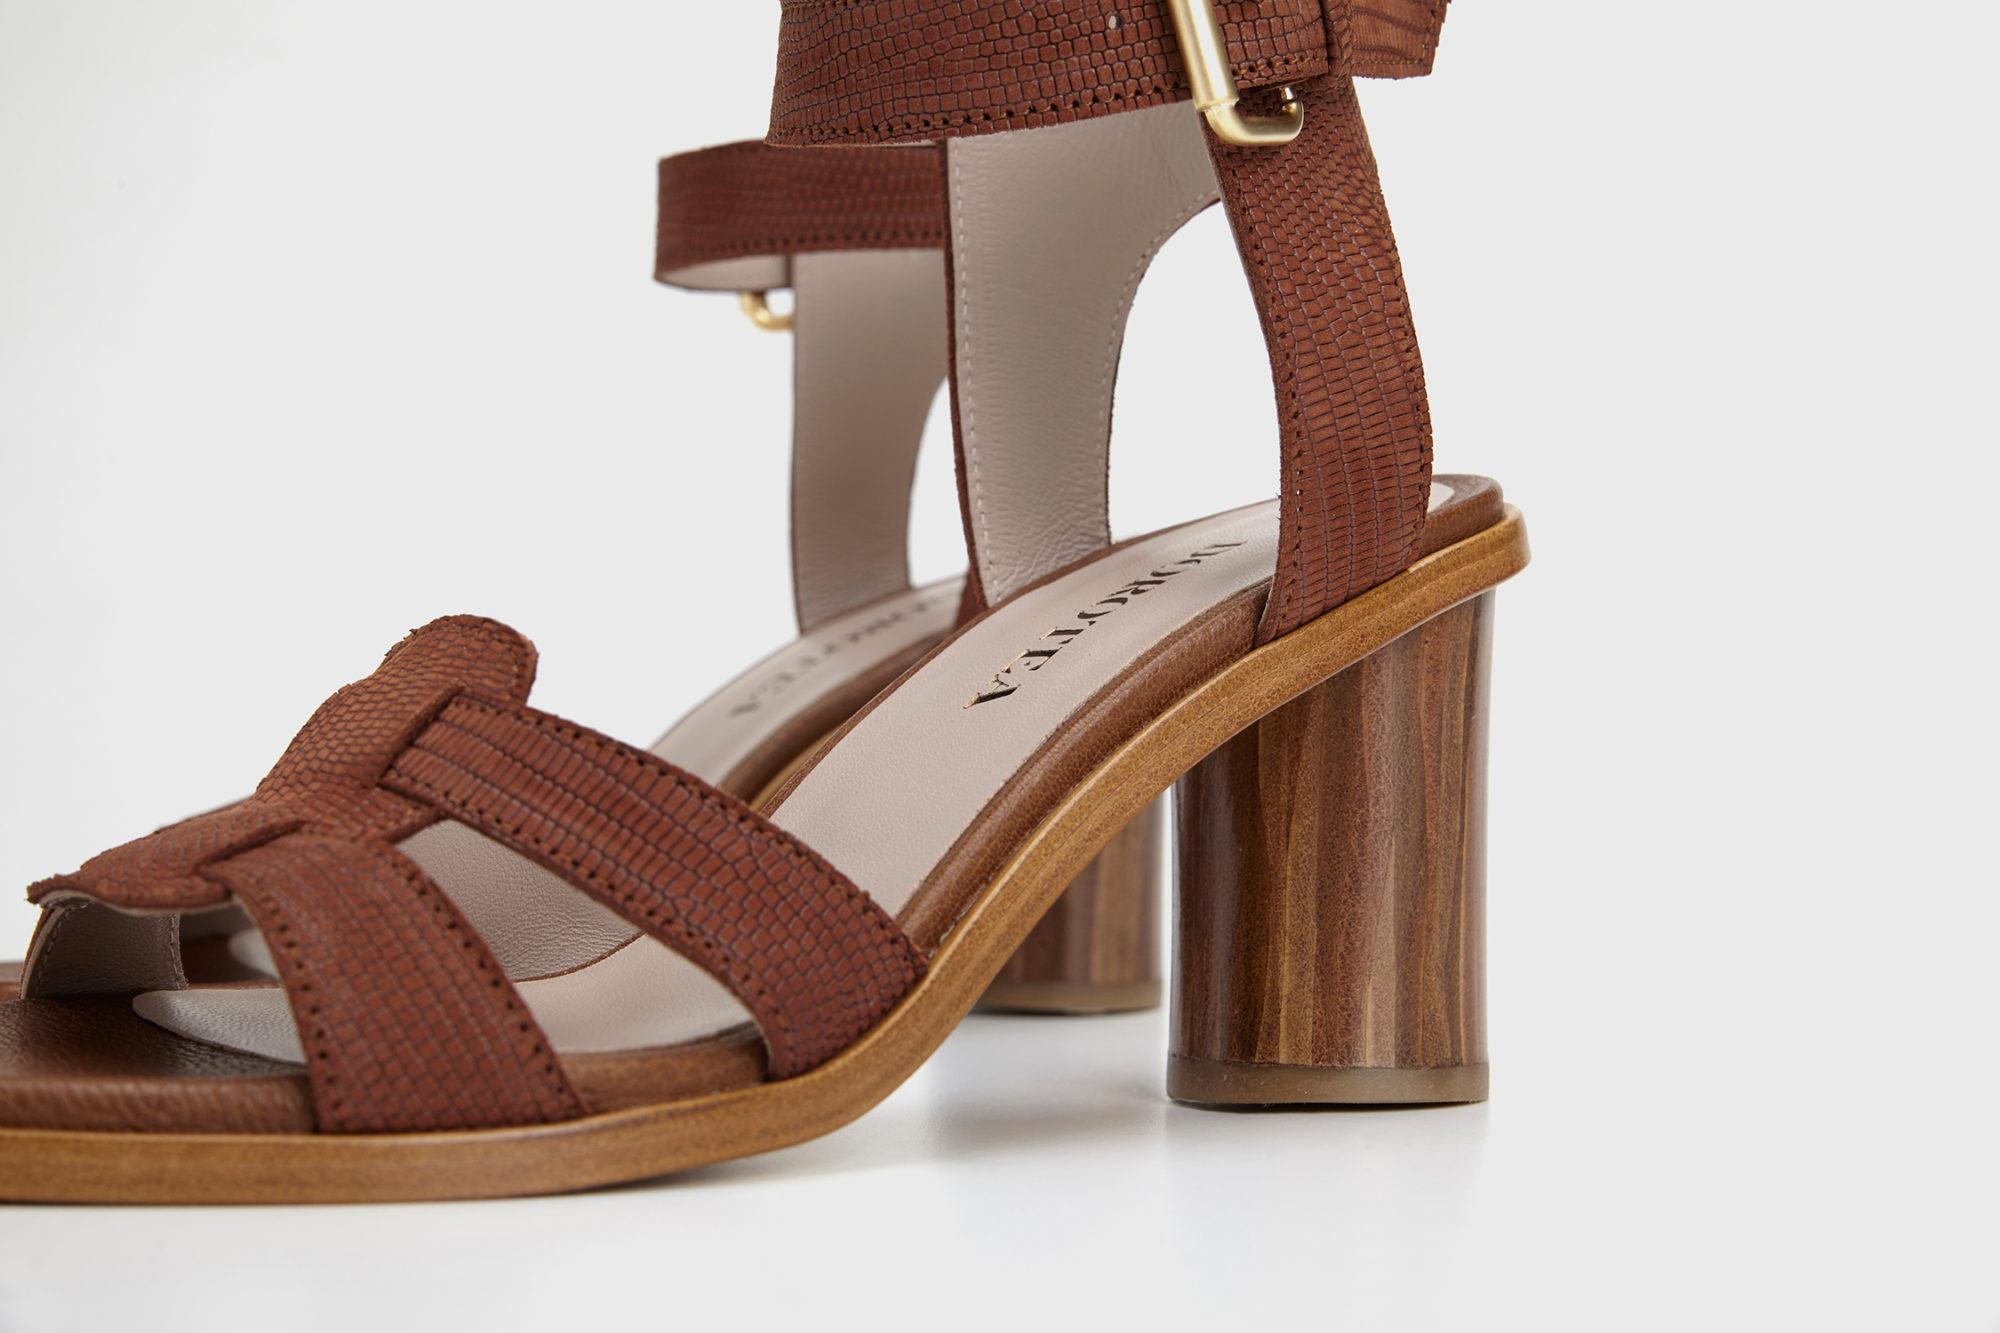 Dorotea sandalia de tacón alto Lianne marrón ss17 detalle